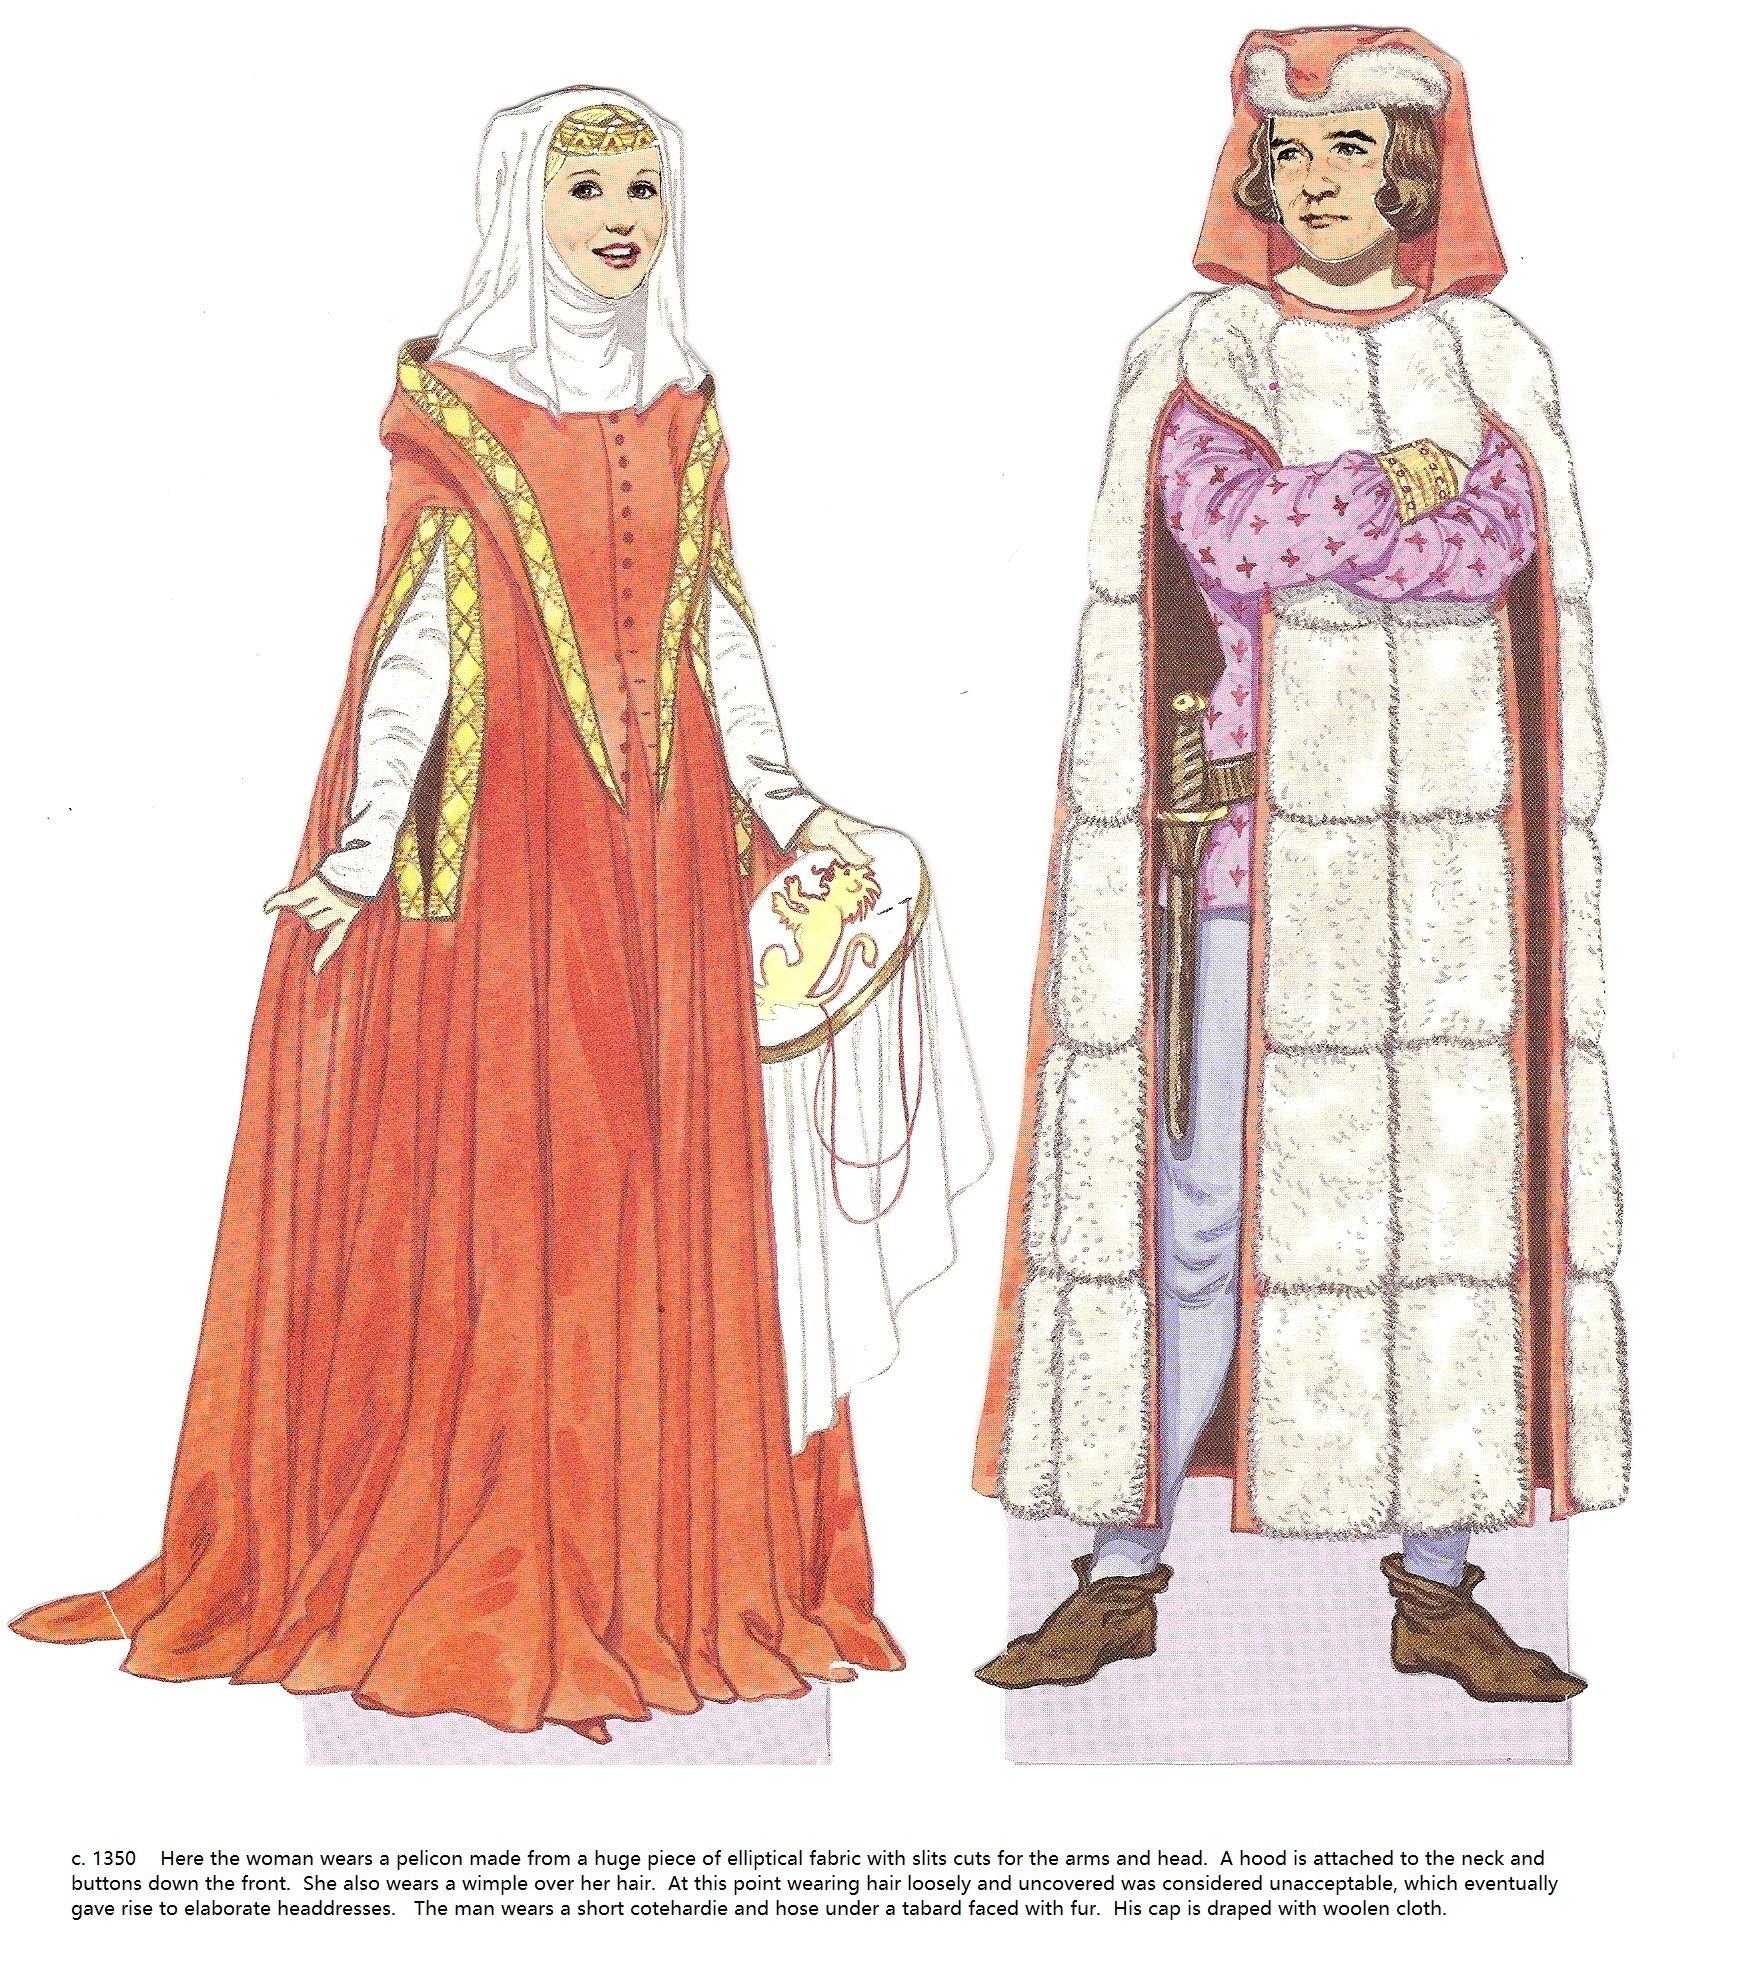 история костюма в картинках модами можете